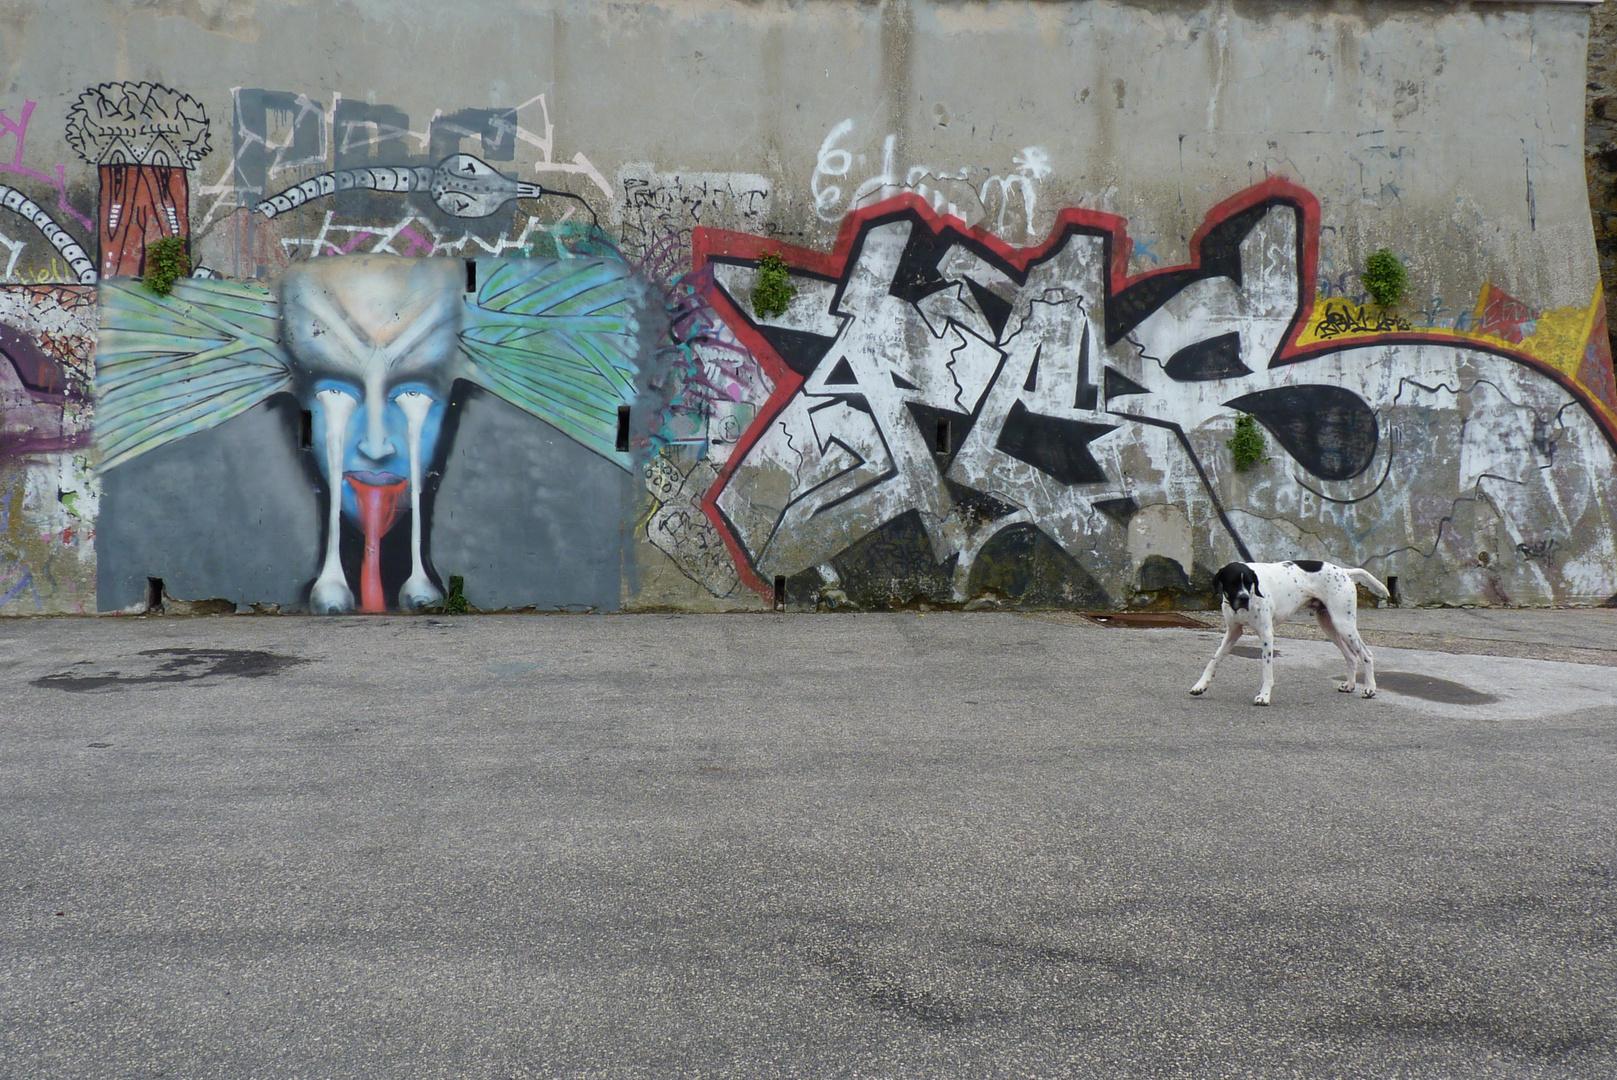 a dog and graffiti - gravity balanced